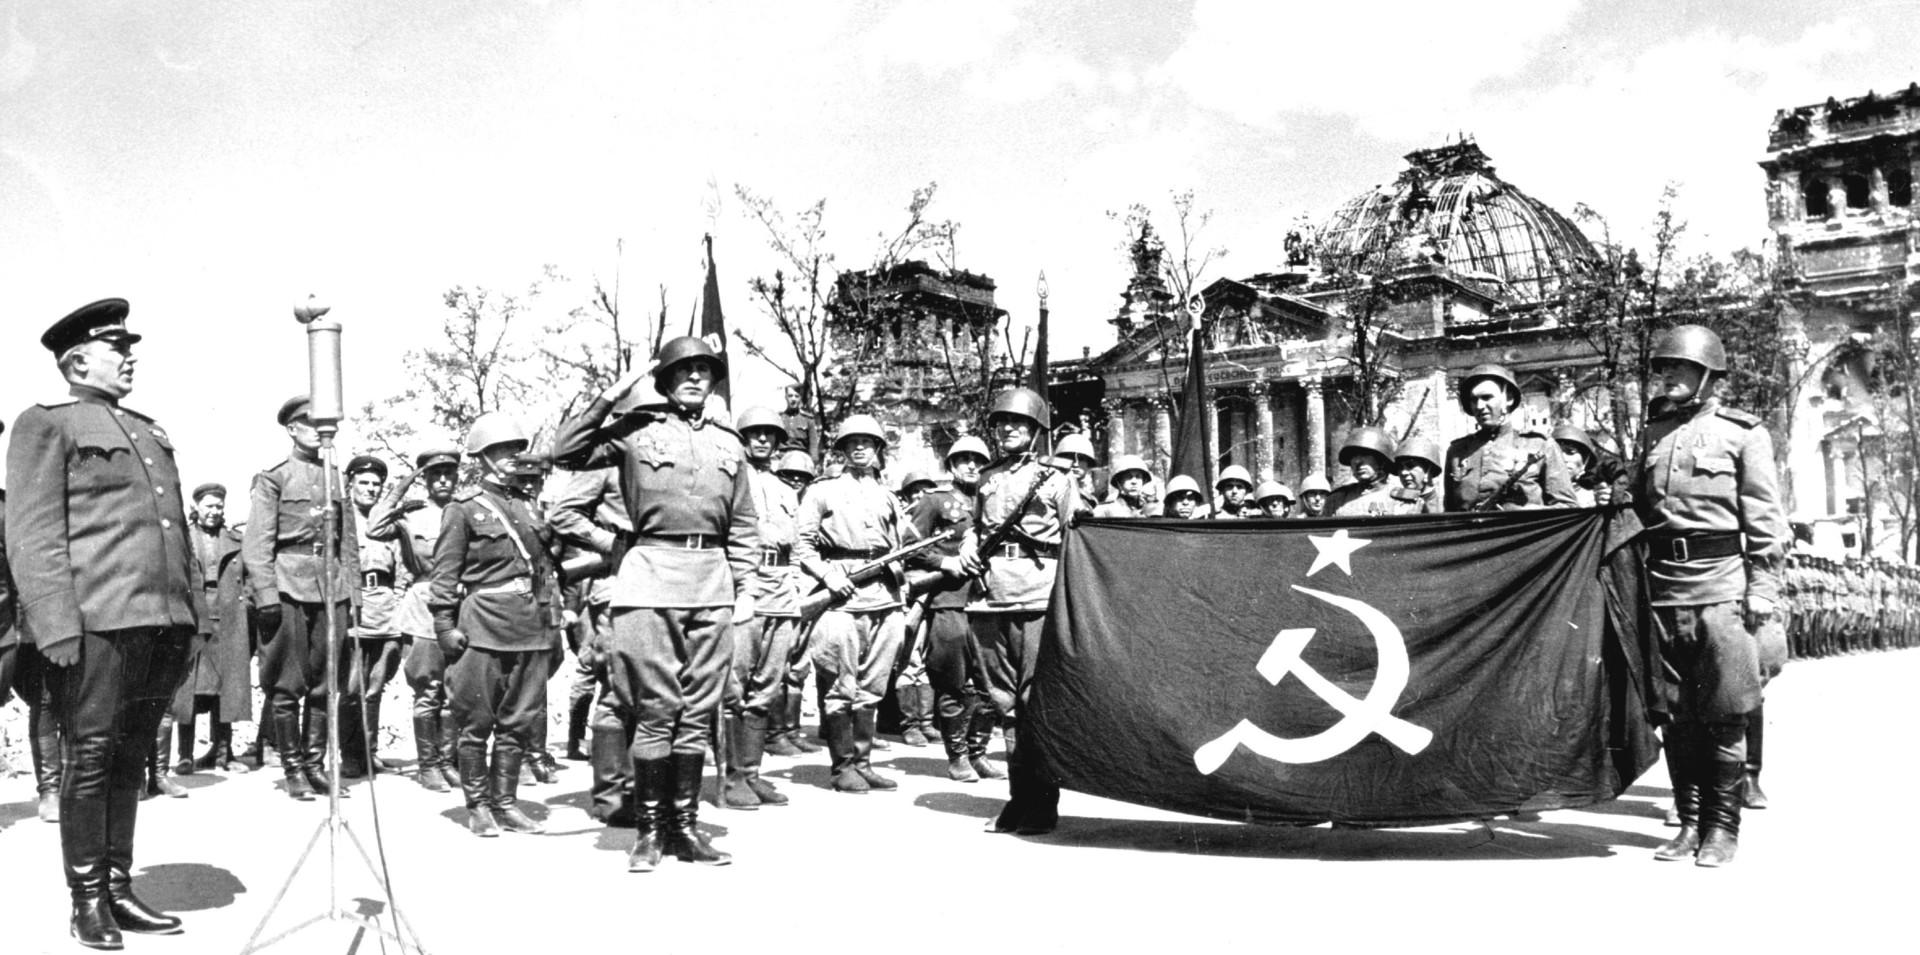 Befreiung: General analysiert letzte sowjetische Kriegsoperationen (Teil 1)